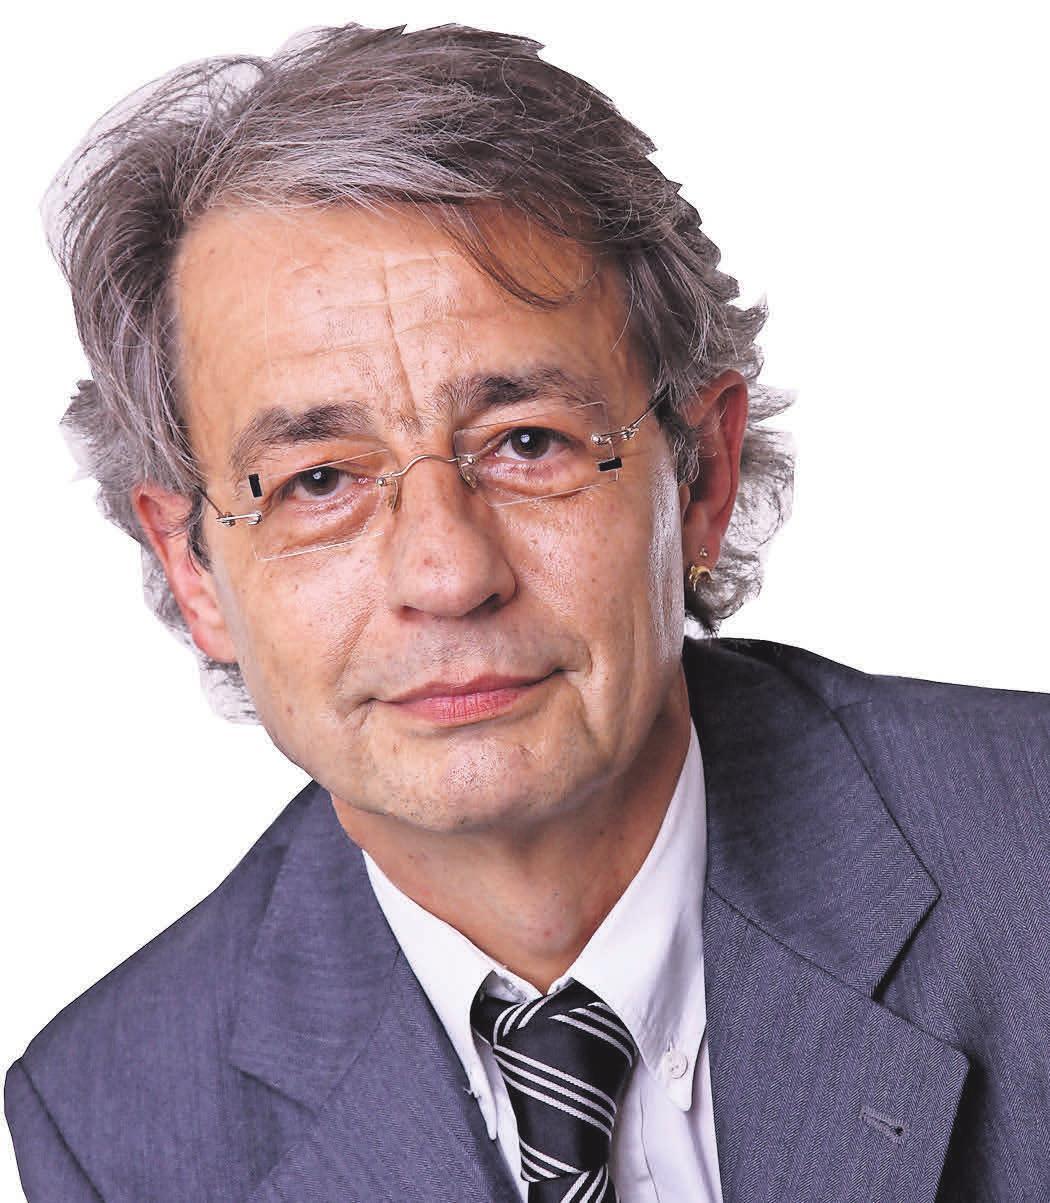 Ein vielseitiges Dienstleistungsangebot, flankiert von kompetenter Beratung – das bietet Geschäftsführer Oskar Grünberger vom ASK.